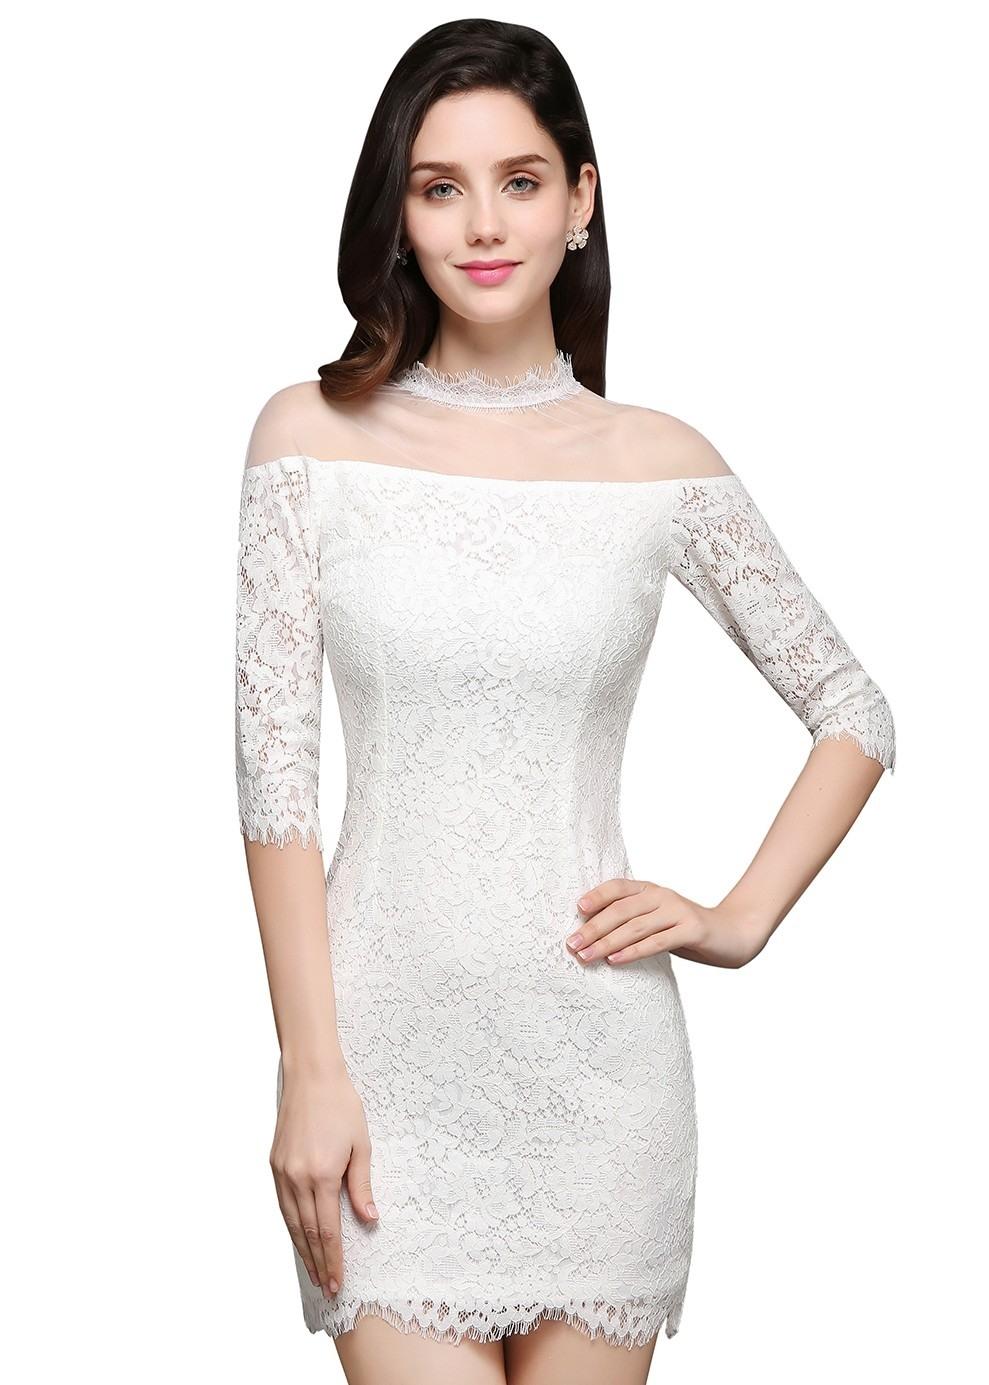 20 Elegant Abendkleider Mit Spitze Kurz für 201910 Erstaunlich Abendkleider Mit Spitze Kurz Vertrieb